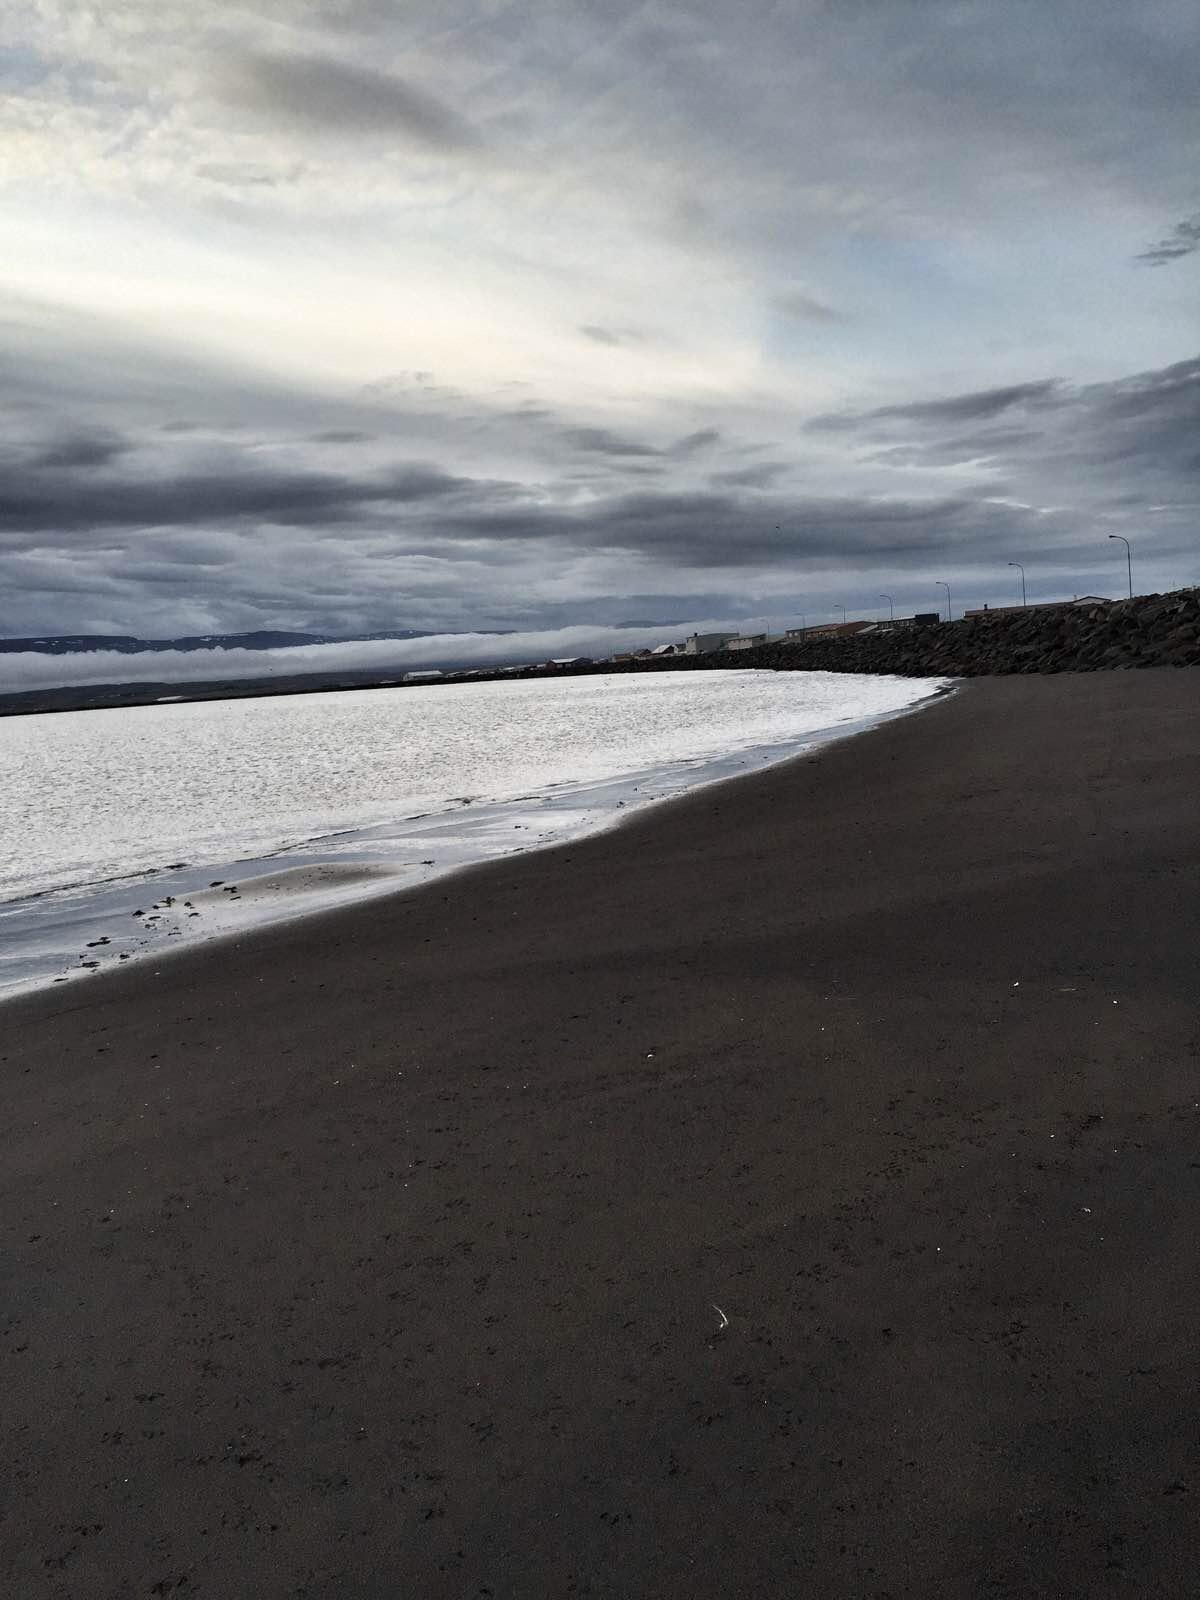 转转峡湾,去北边最大的城市,然后去胡萨港看鲸鱼 eyjnfjordur峡湾